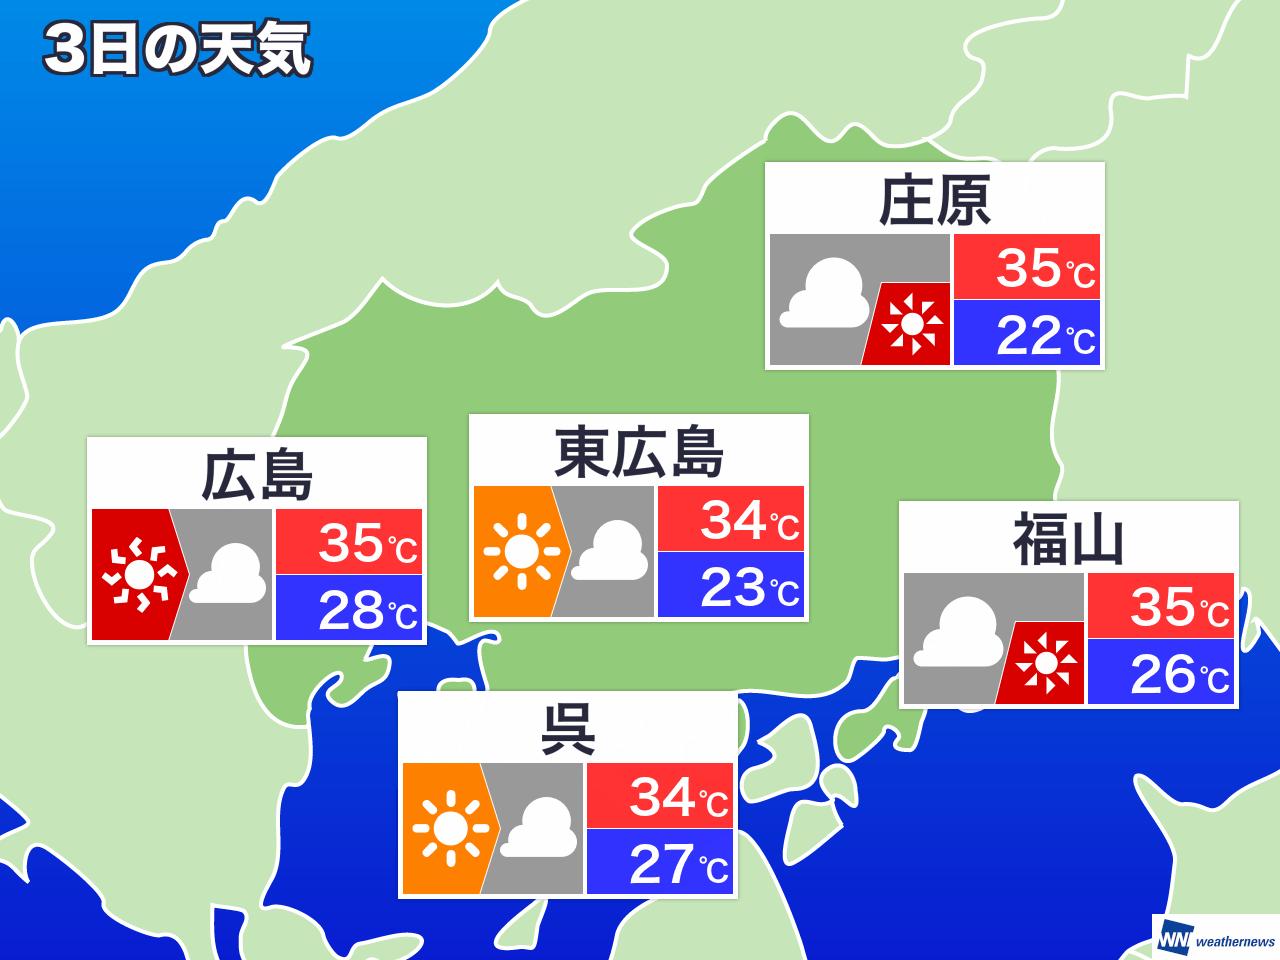 広島 県 の 天気 予報